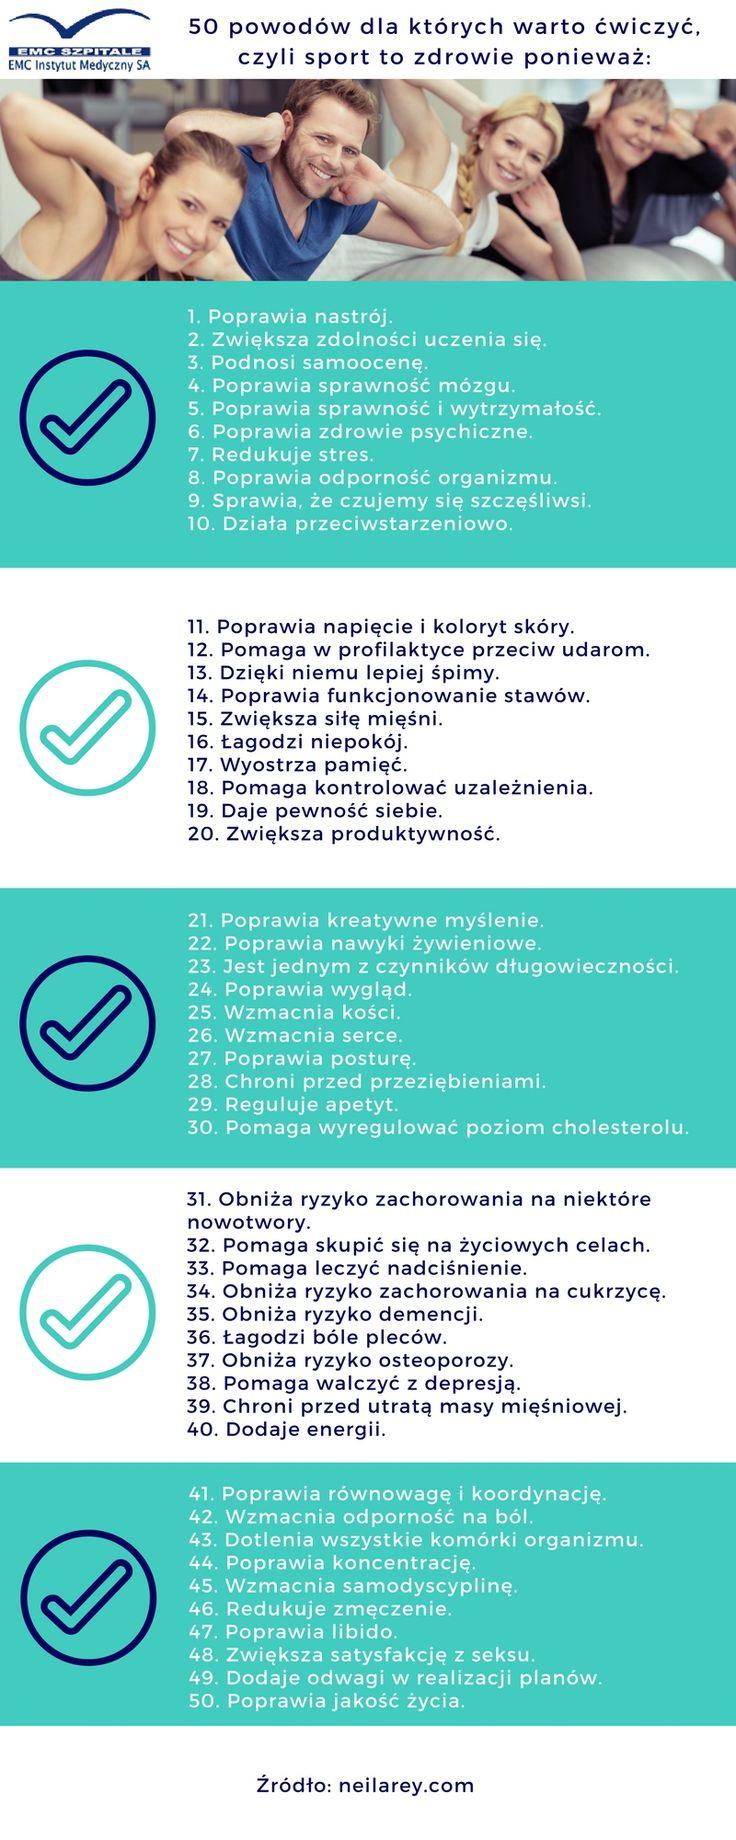 Ruszaj się!, masz co najmniej 50 powodów :) #emc #emcszpitale #ruch #sport